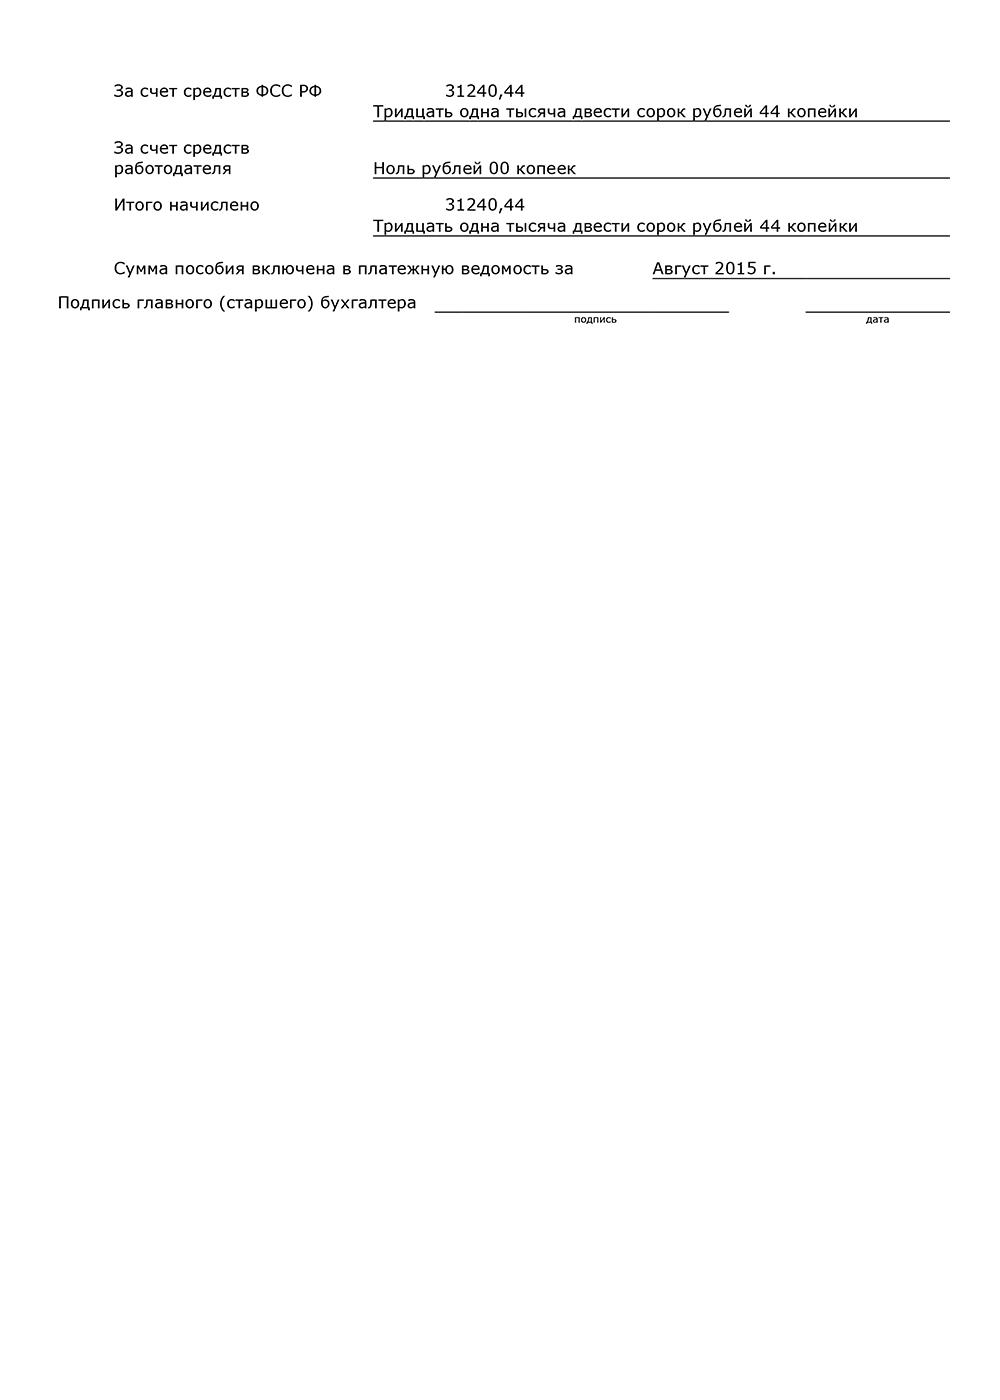 Это стандартный документ, который формируется в{amp}amp;nbsp;1С при{amp}amp;nbsp;расчете пособия. Я выходила в декрет в 2015{amp}amp;nbsp;году. Для{amp}amp;nbsp;расчета взяли 2013 и 2014{amp}amp;nbsp;годы. Заработок у разных работодателей прописан отдельными строками. Для{amp}amp;nbsp;сравнения приведены минимальный и максимальный размеры среднедневного заработка. Я оформила отпуск не сразу, а через два дня после оформления больничного. Поэтому пособие мне рассчитали исходя из 138{amp}amp;nbsp;календарных дней, а не 140